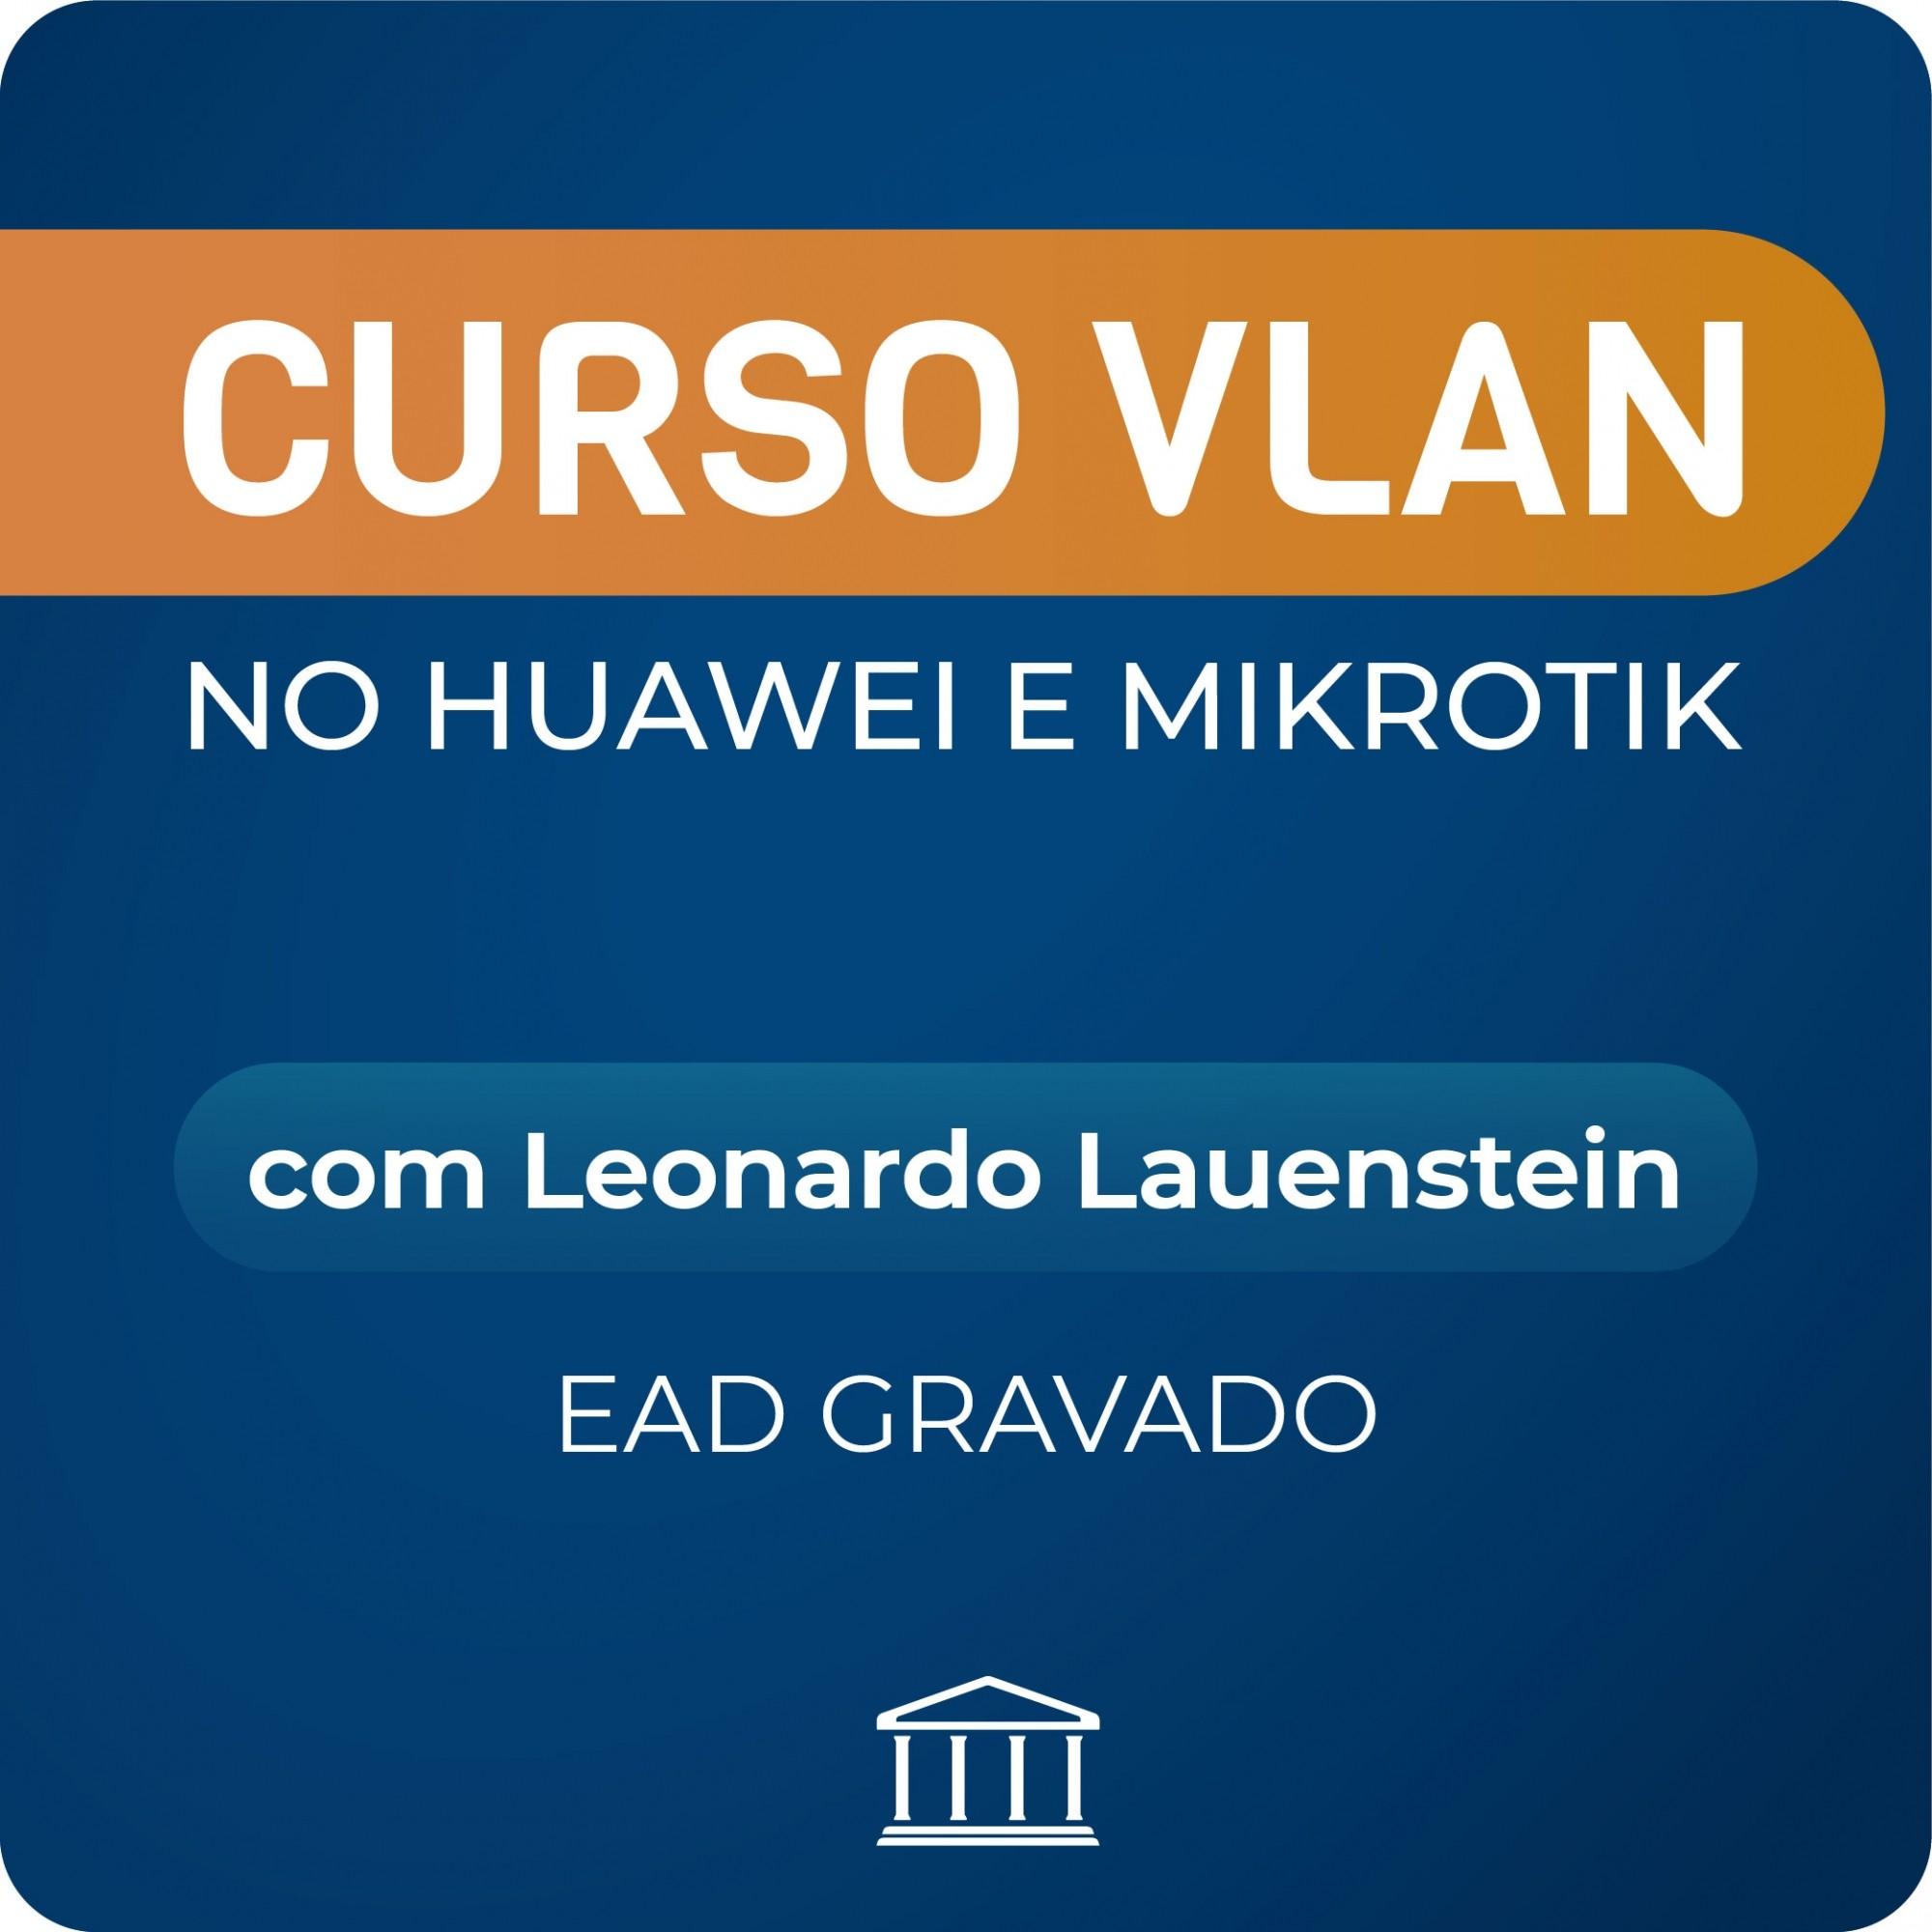 VLAN no Huawei e Mikrotik - com Leonardo Lauenstein - GRAVADO  - Voz e Dados